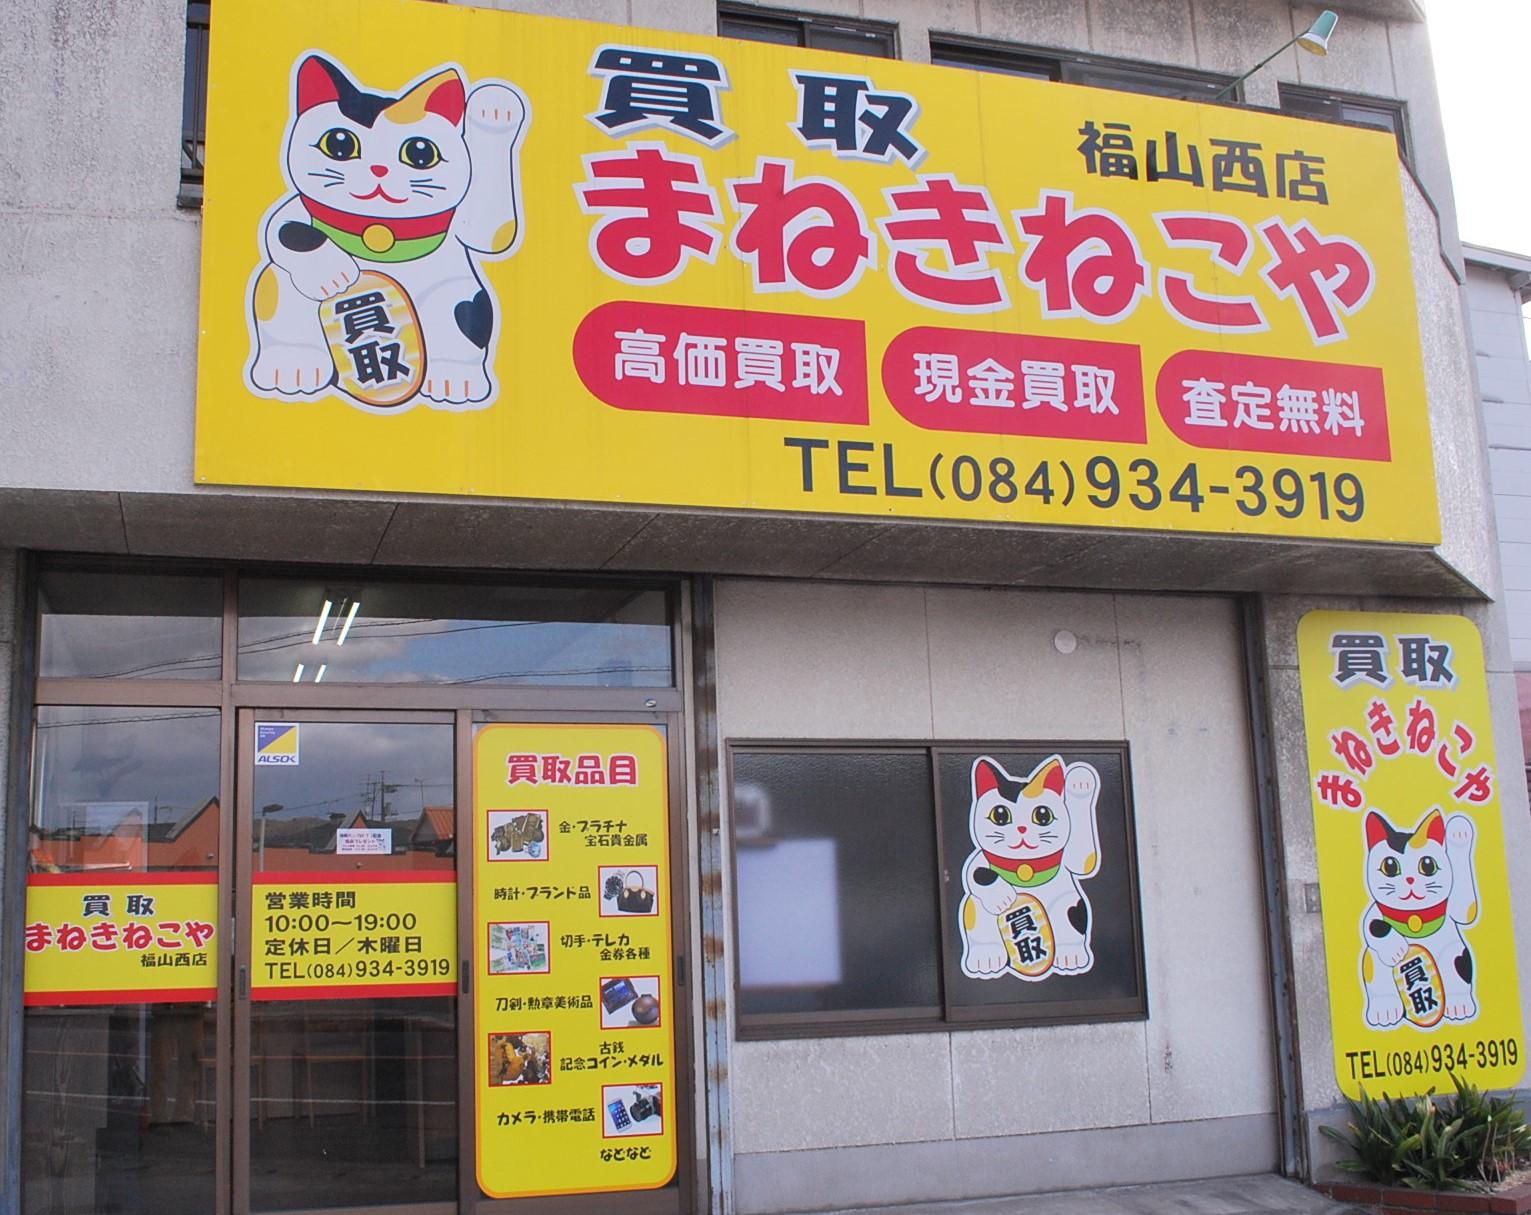 福山市尾道市の高価買取店 買取まねきねこや福山西店|金・プラチナ・ダイヤモンド・宝石・ブランド品・古銭・切手など